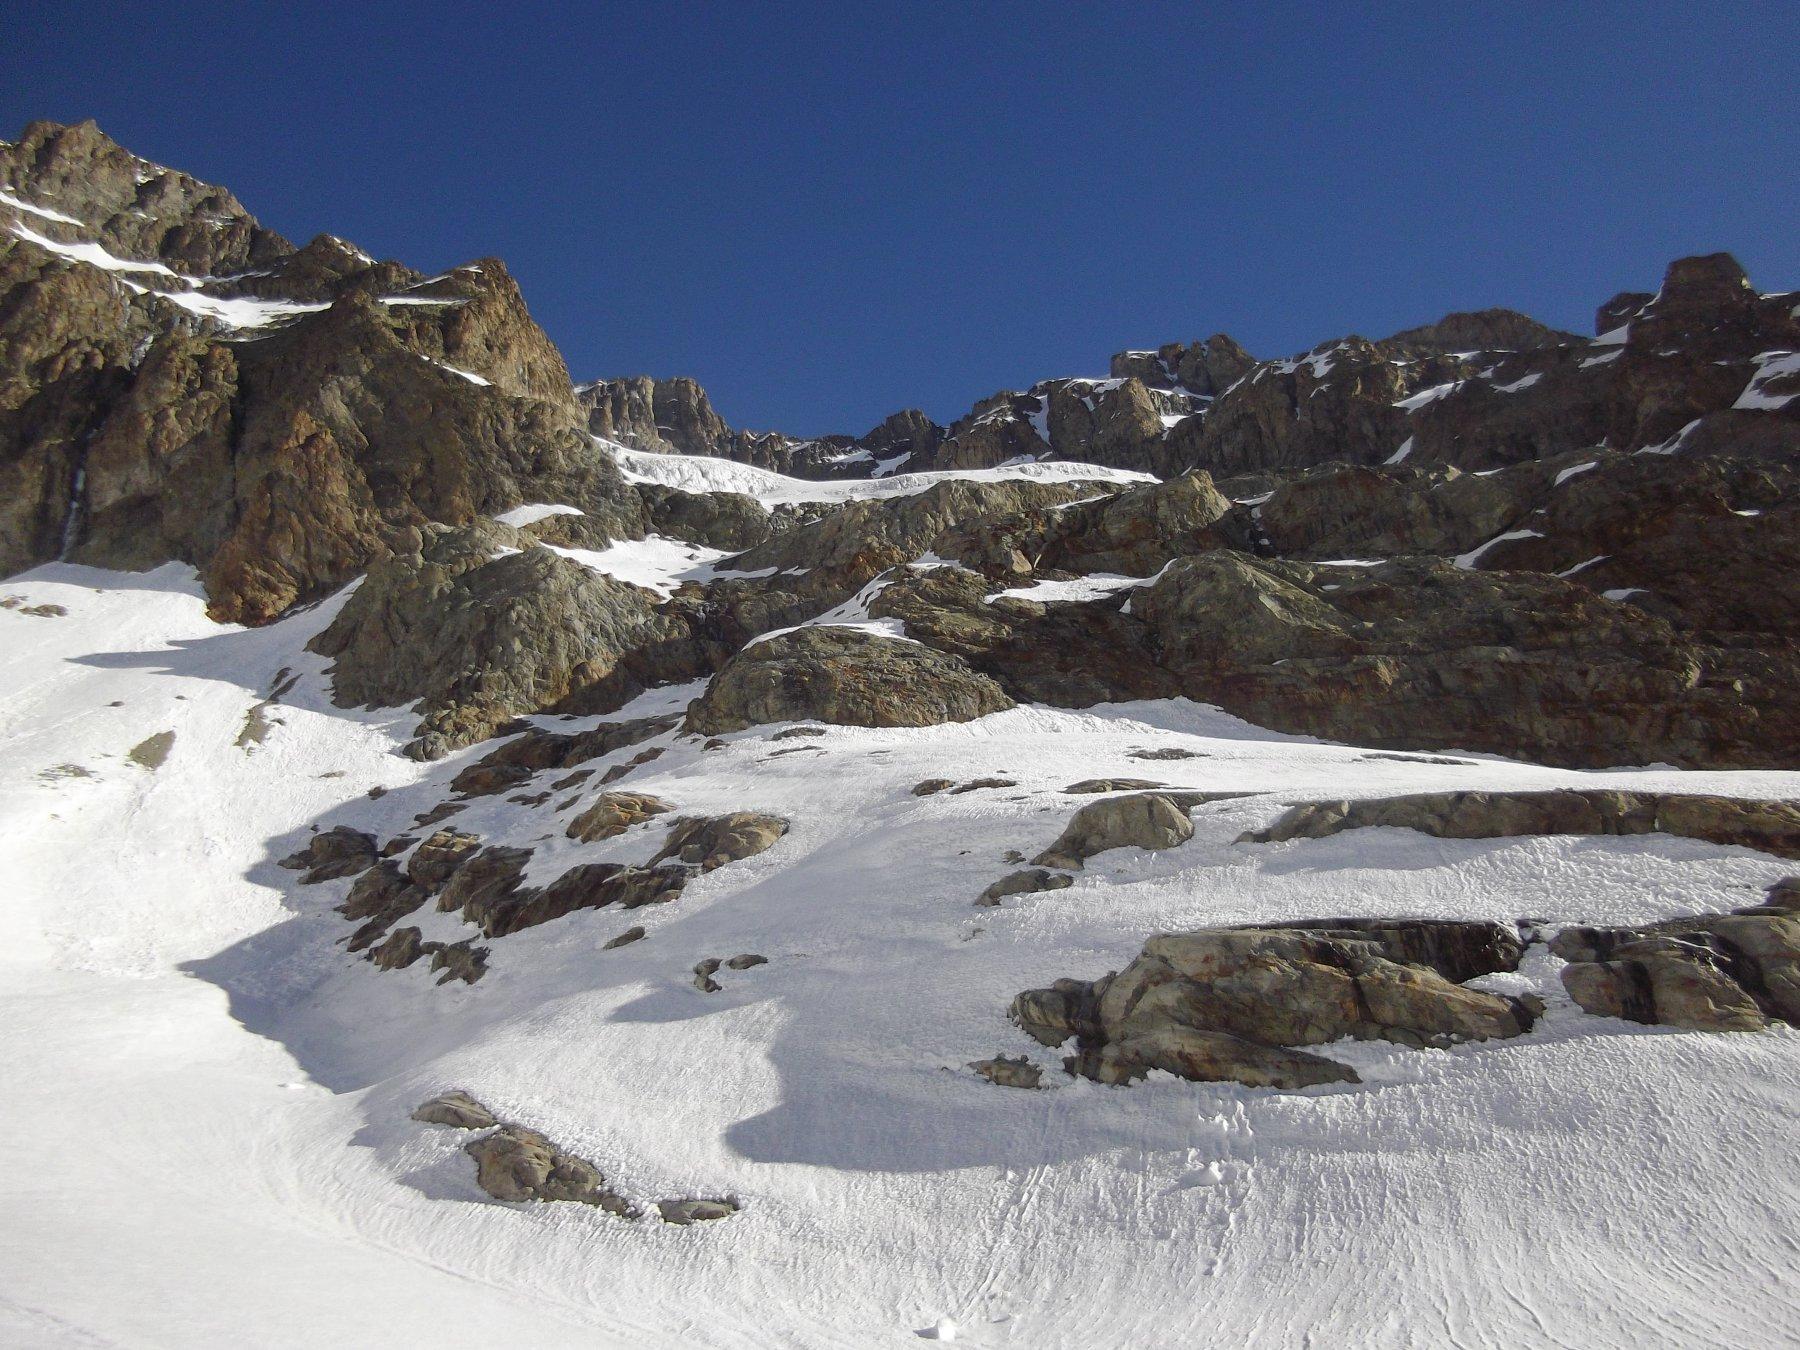 accesso al ghiacciao dell'Ailefroide (quota 2950). Si intuisce lo scivolo che permette il superamento delle rocce.